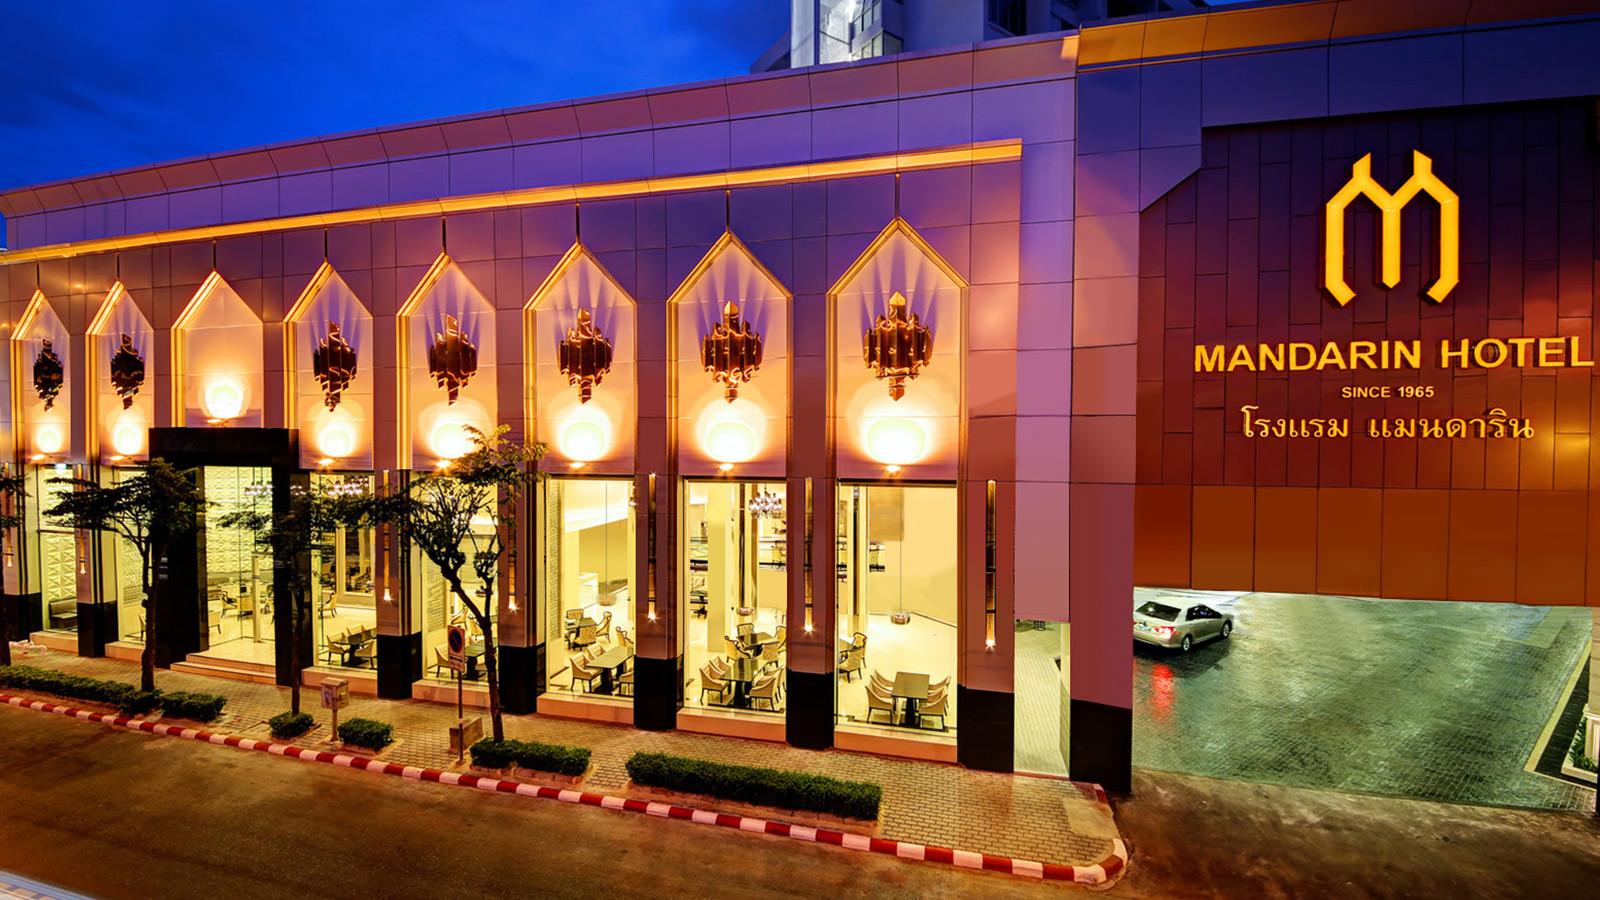 هتل 4 ستاره ماندارین سنتر پوینت بانکوک